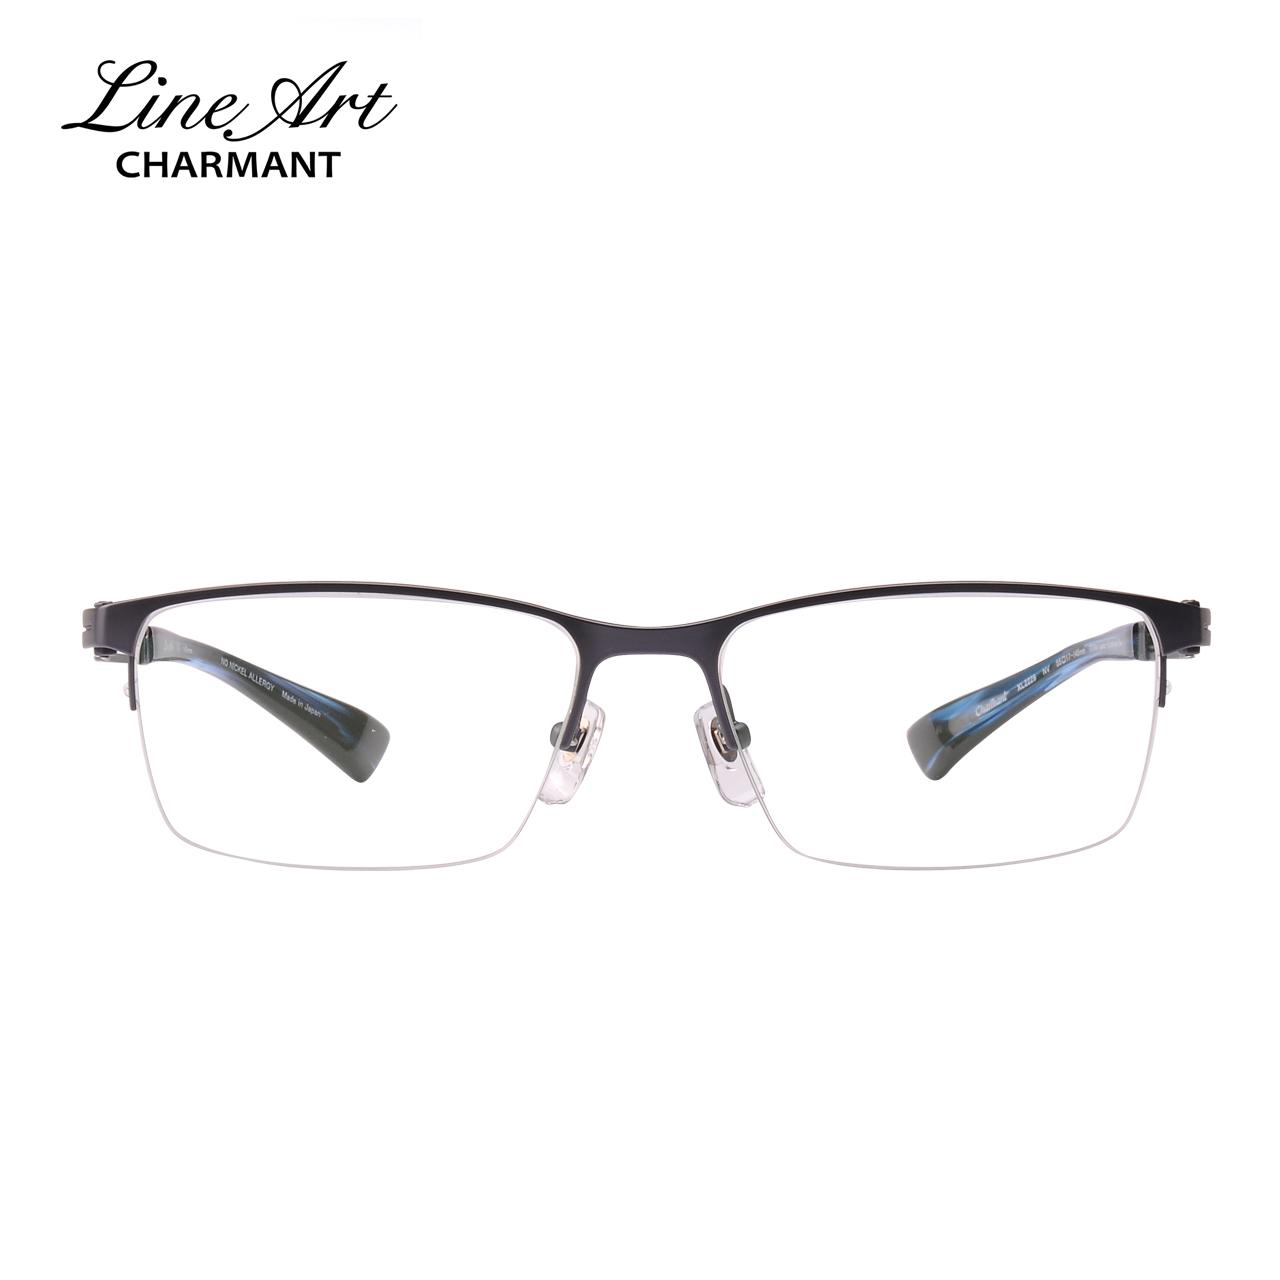 日本夏蒙眼镜框 超轻纯钛近视眼镜架男 商务休闲镜架光学架XL2229